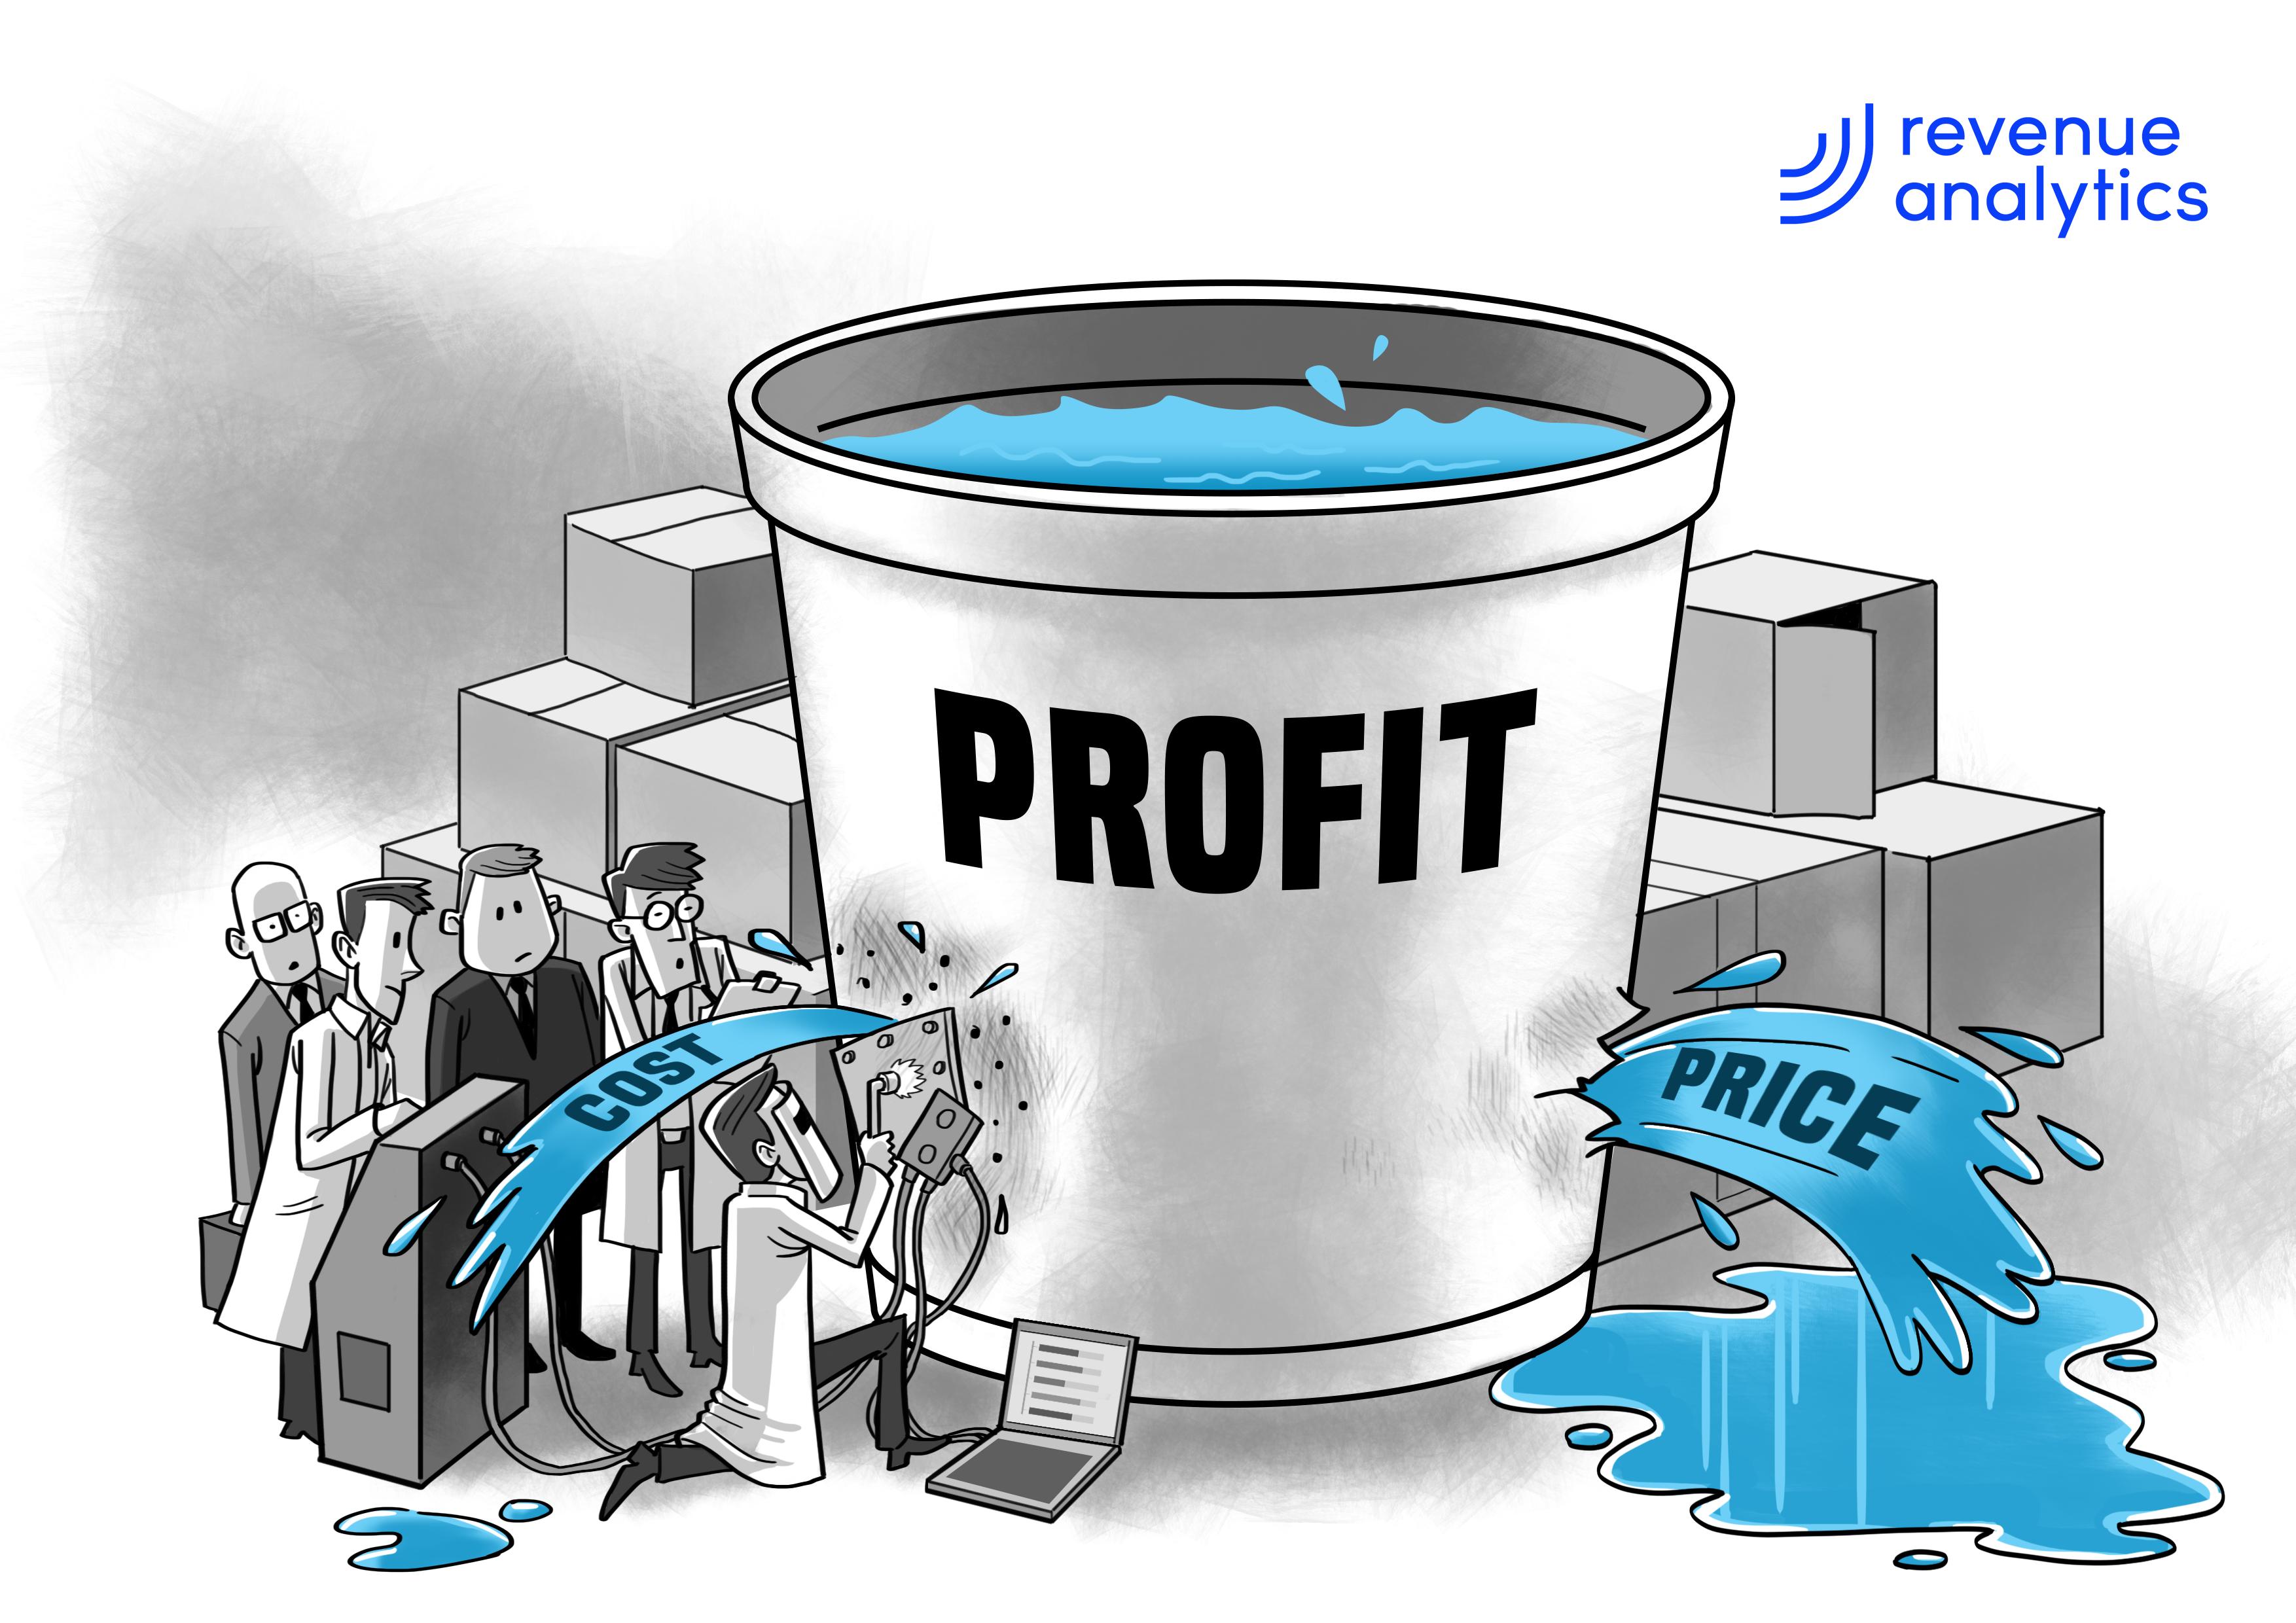 cartoon-profit-leak